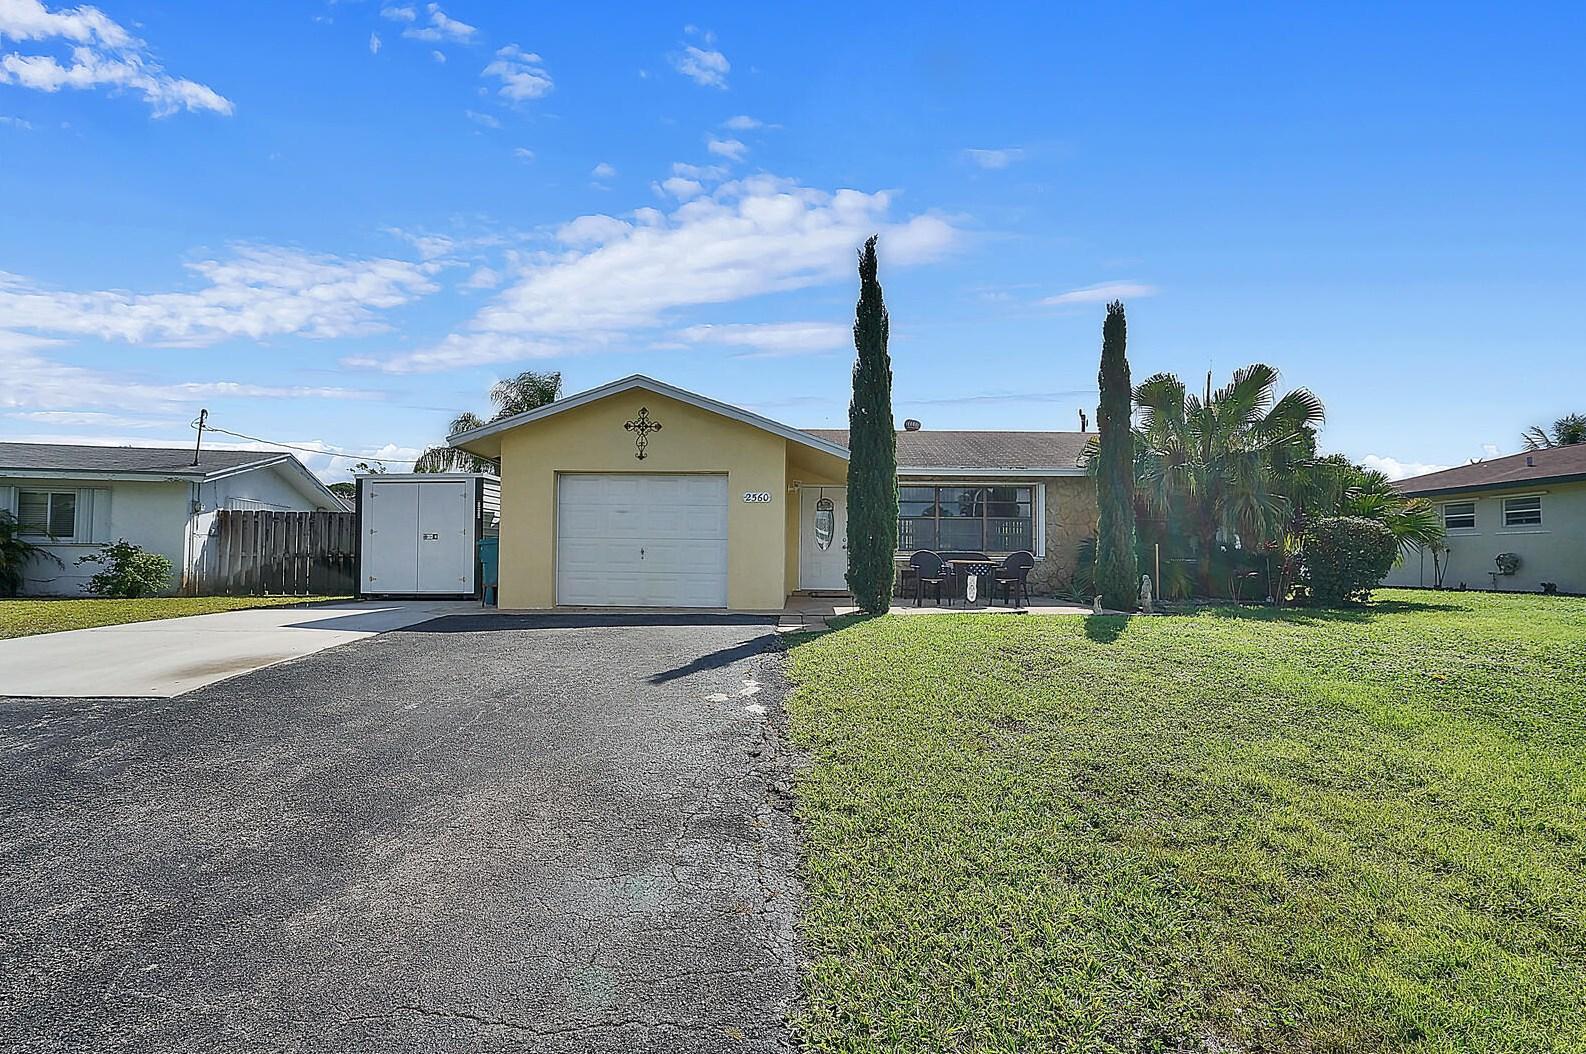 2560 Sw 11th St, Boynton Beach, FL 33426